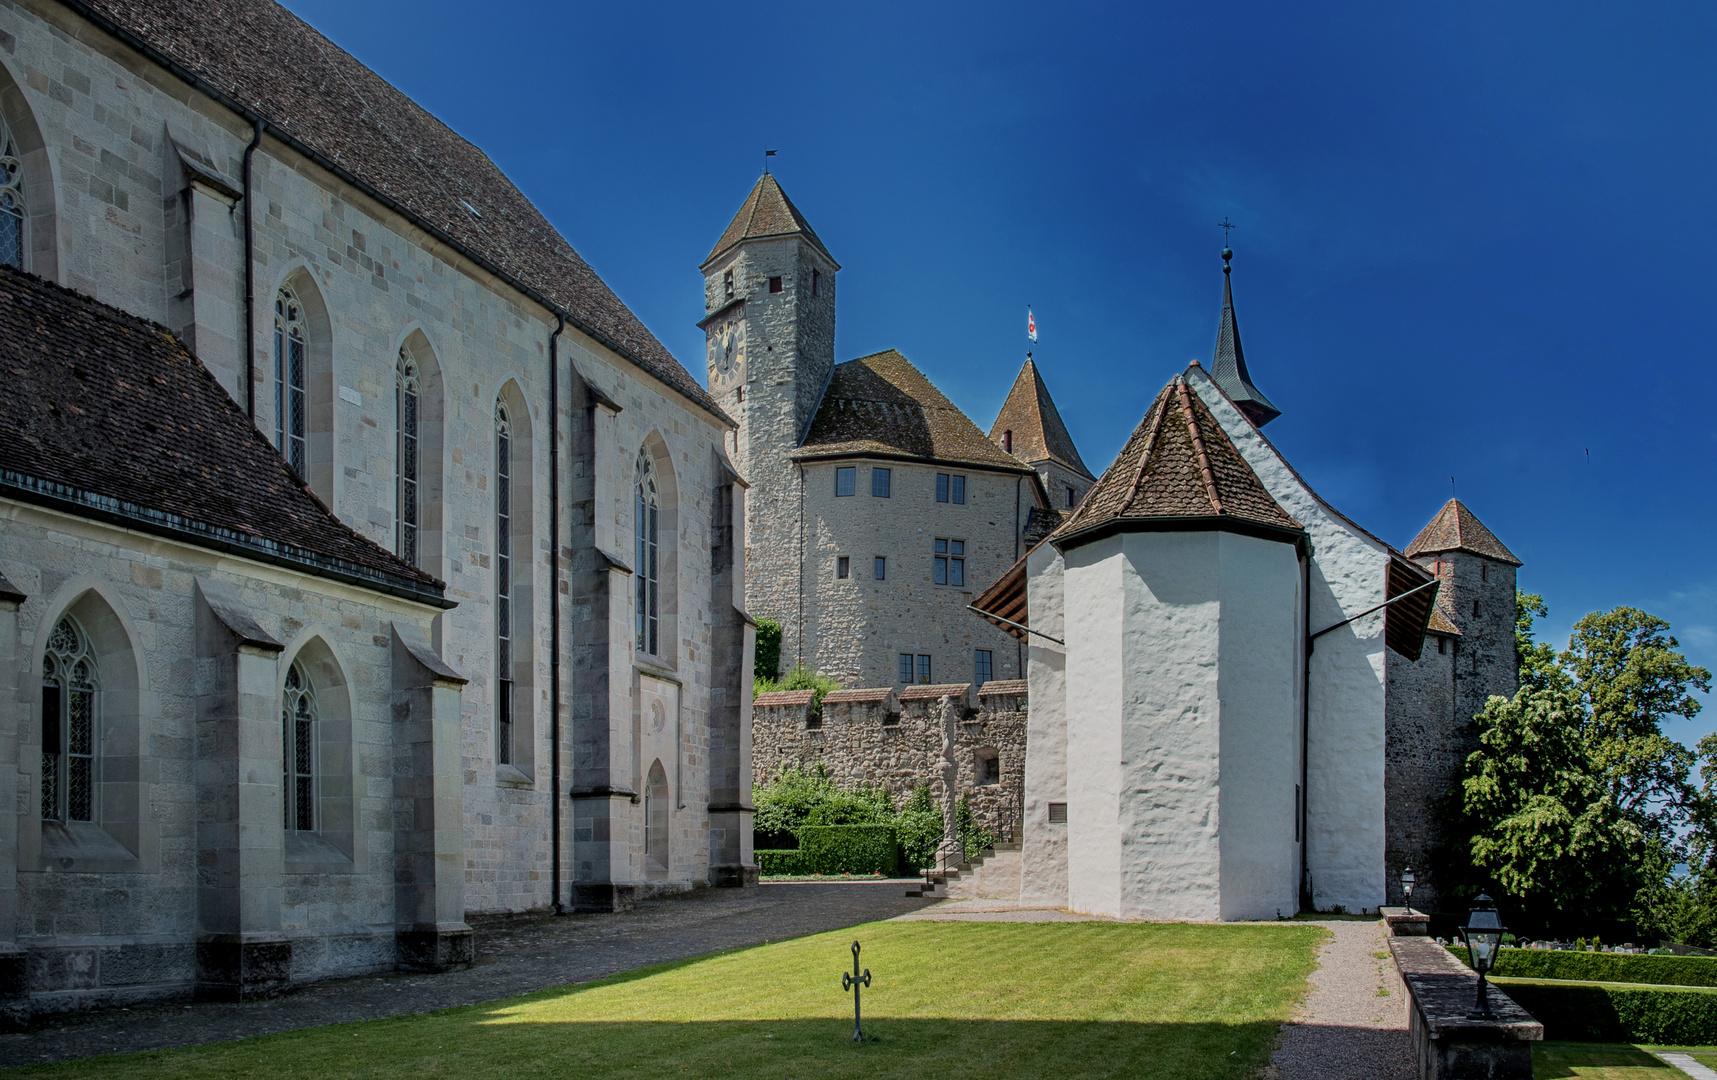 Kirche St. Johann Schloss Liebfrauen Kappele in Rapperswil